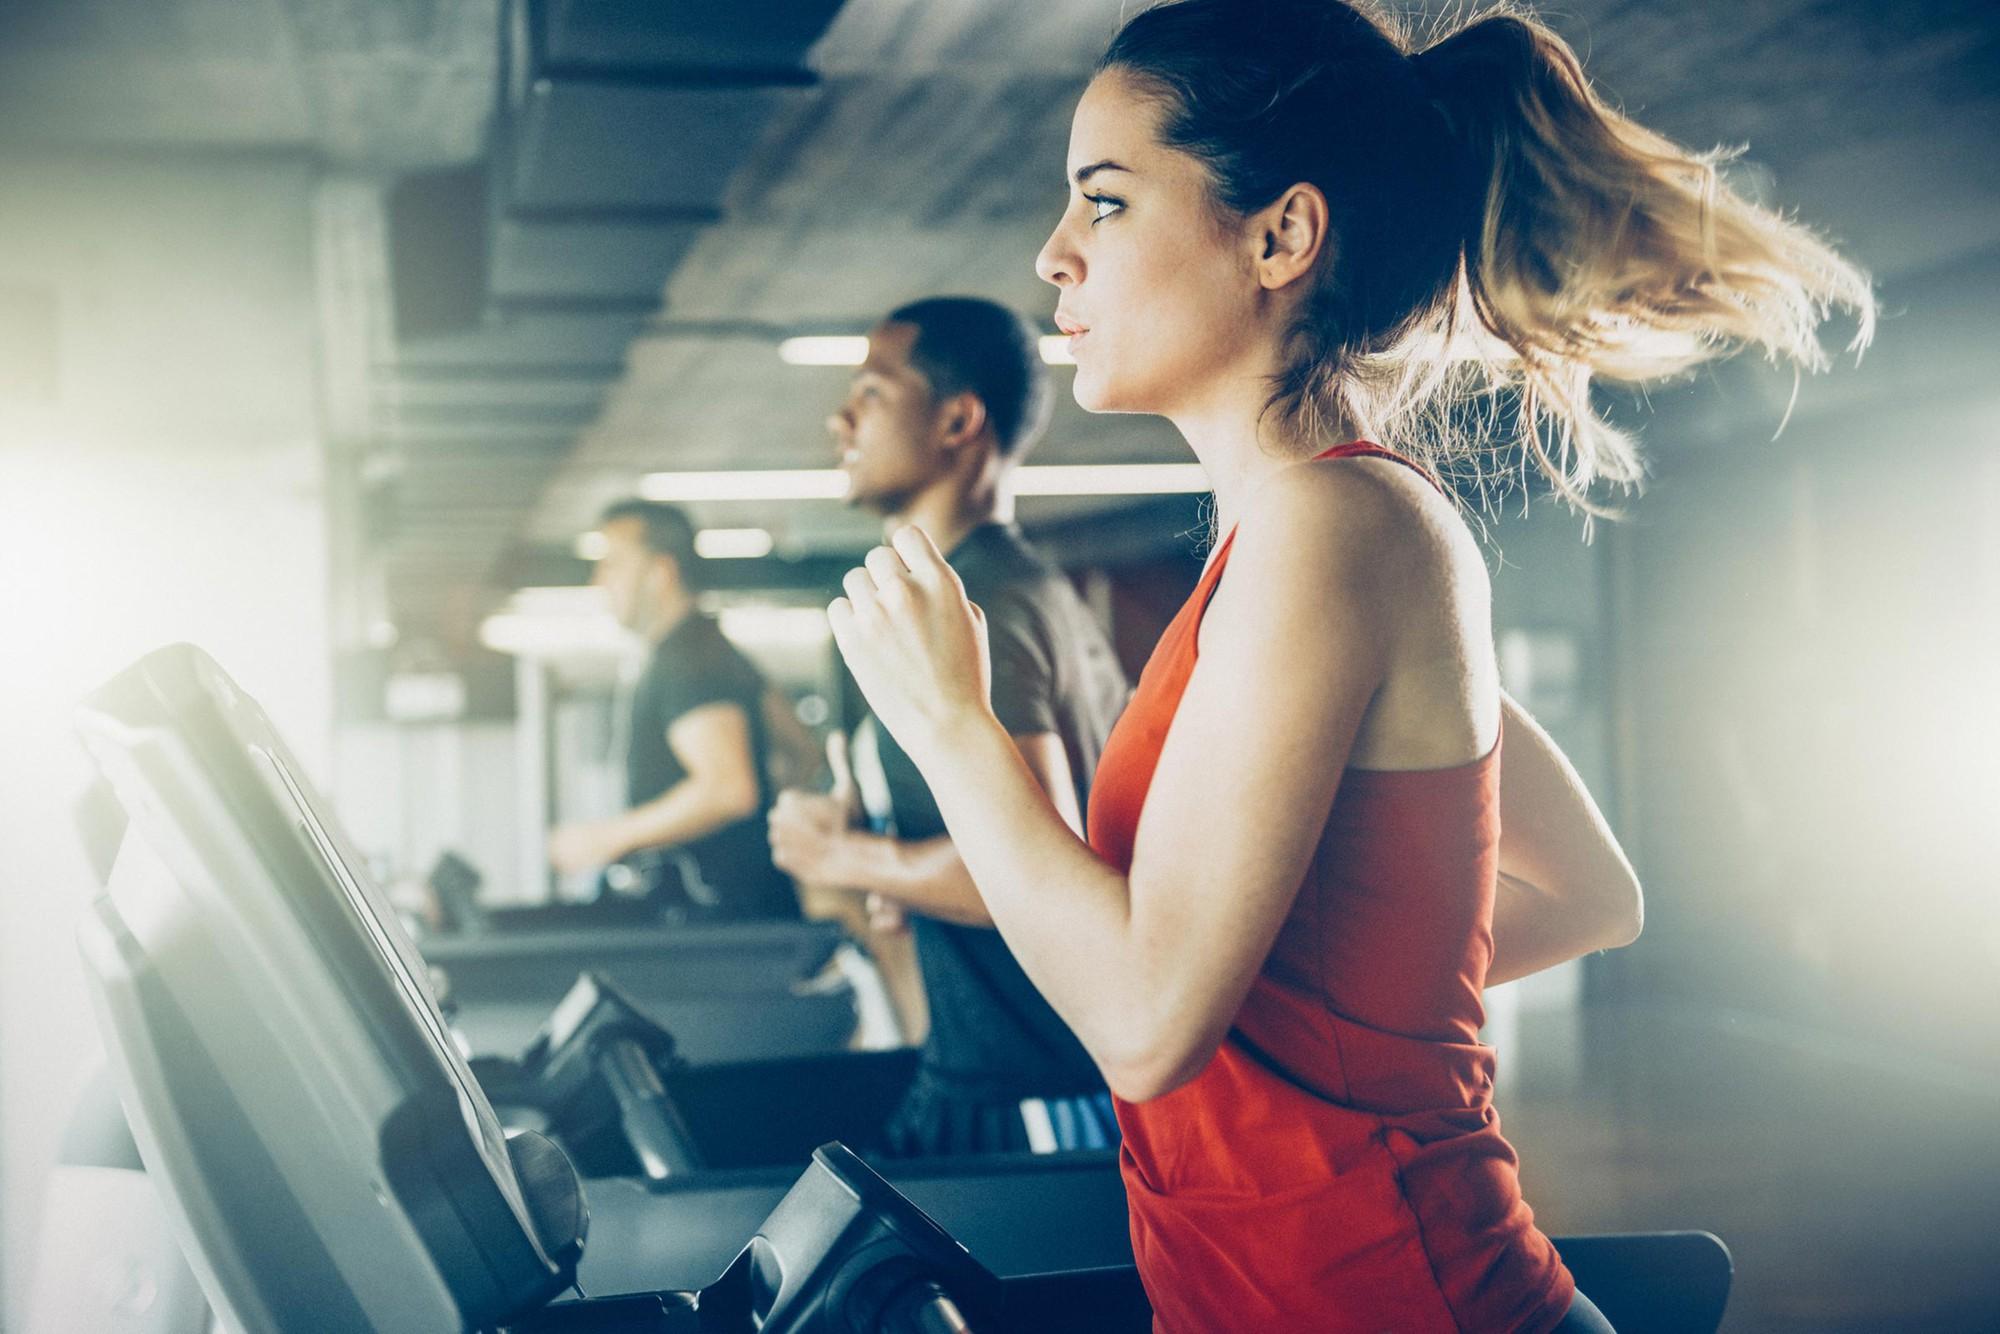 Đây là những dấu hiệu cho biết việc tập luyện của bạn đang mang lại kết quả tốt - Ảnh 6.